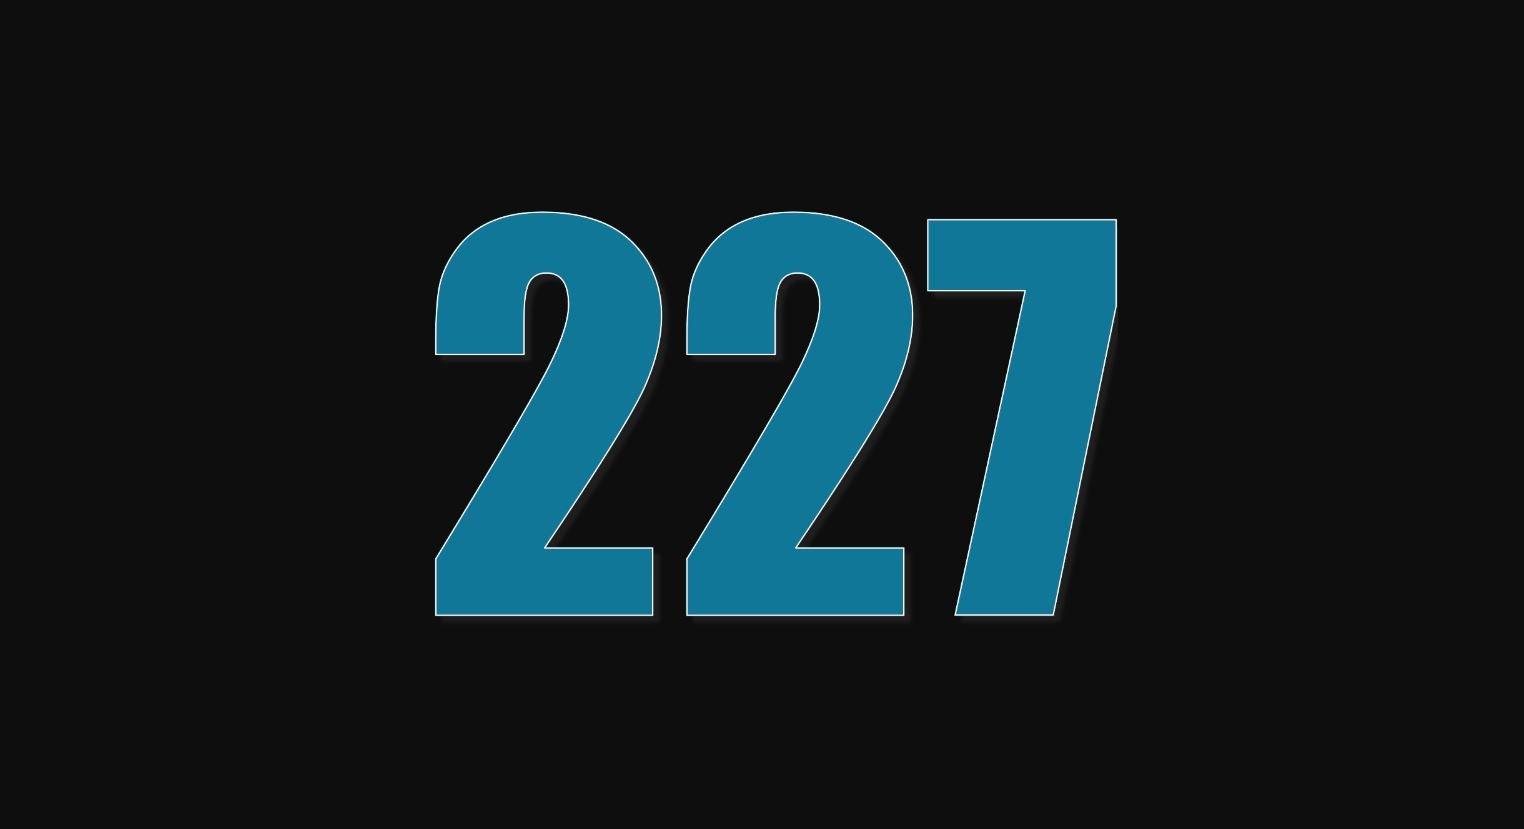 Die Bedeutung der Zahl 227